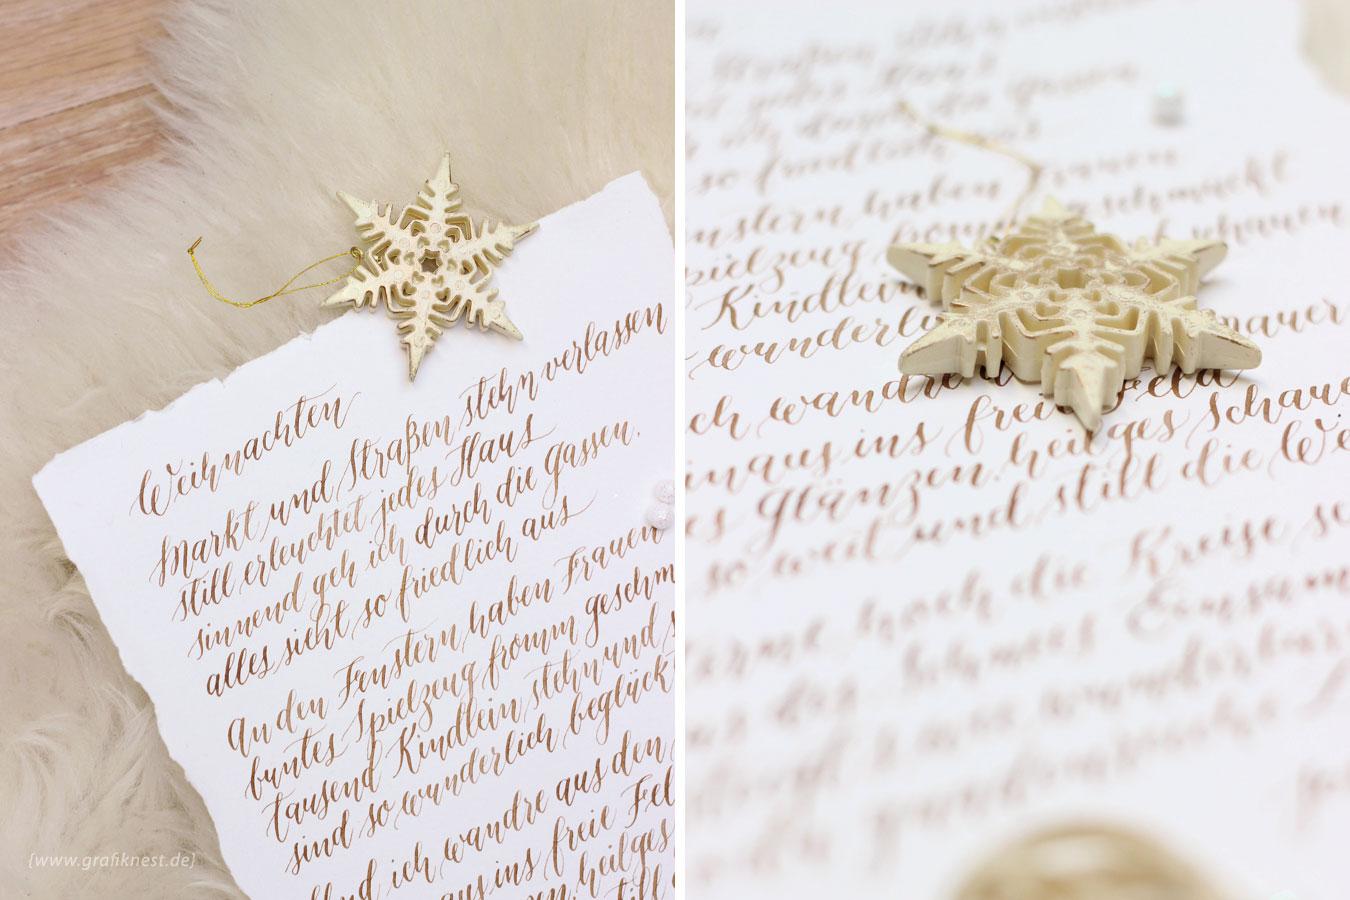 kalligrafiertes-weihnachtsgedicht-von-eichendorf-7